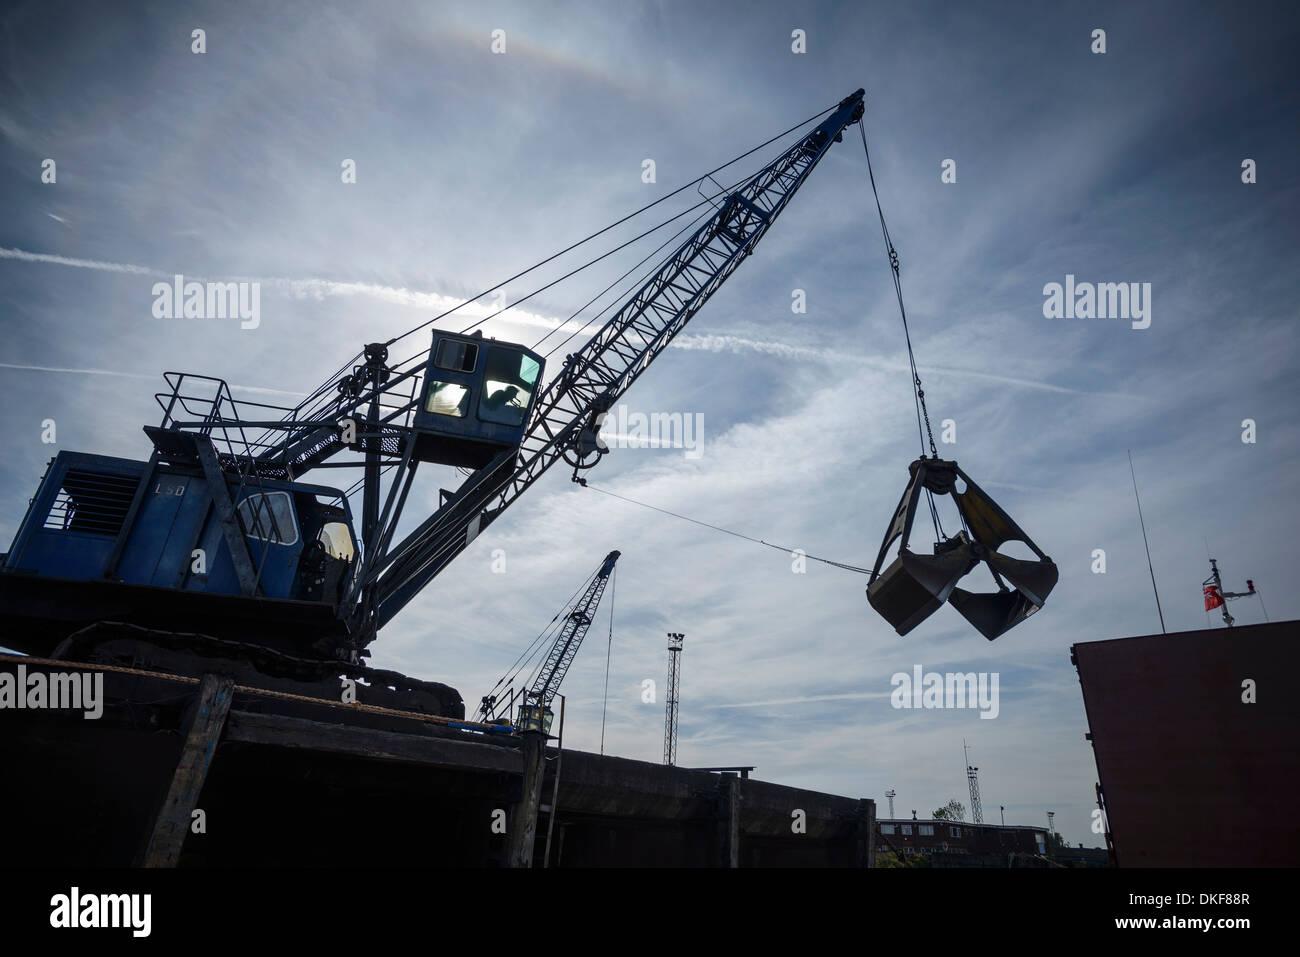 Ángulo de visión baja de la grúa en silueta en el puerto Imagen De Stock